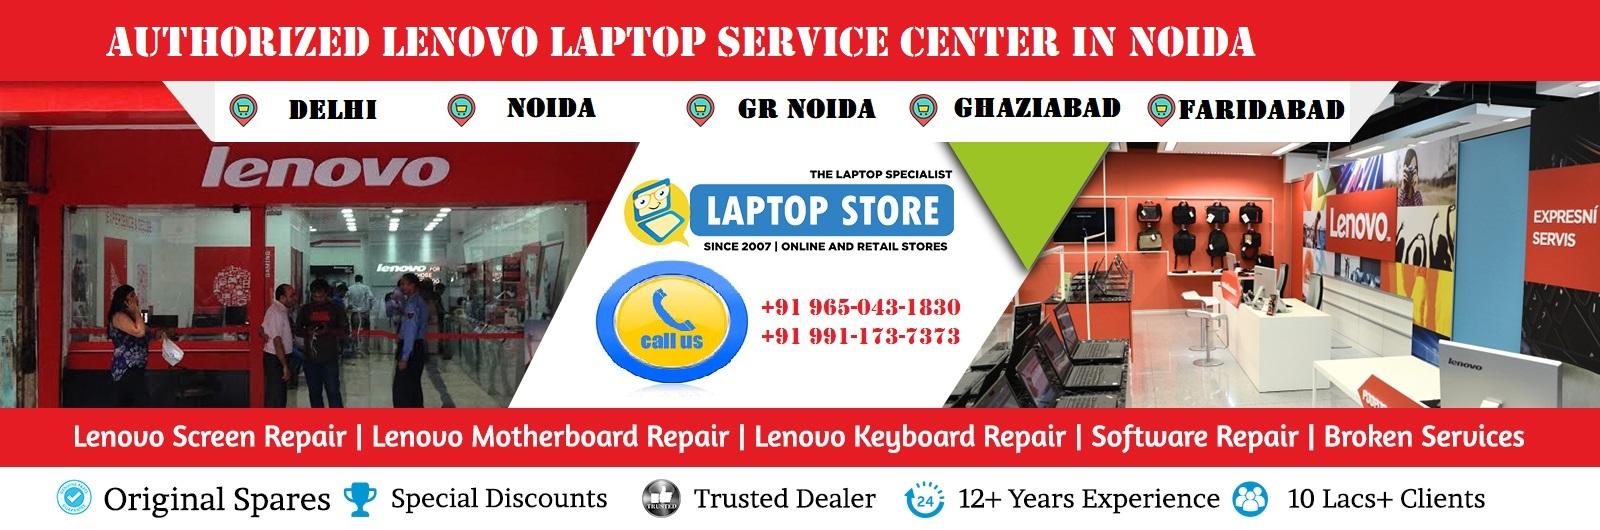 lenovo service center in noida sector 63